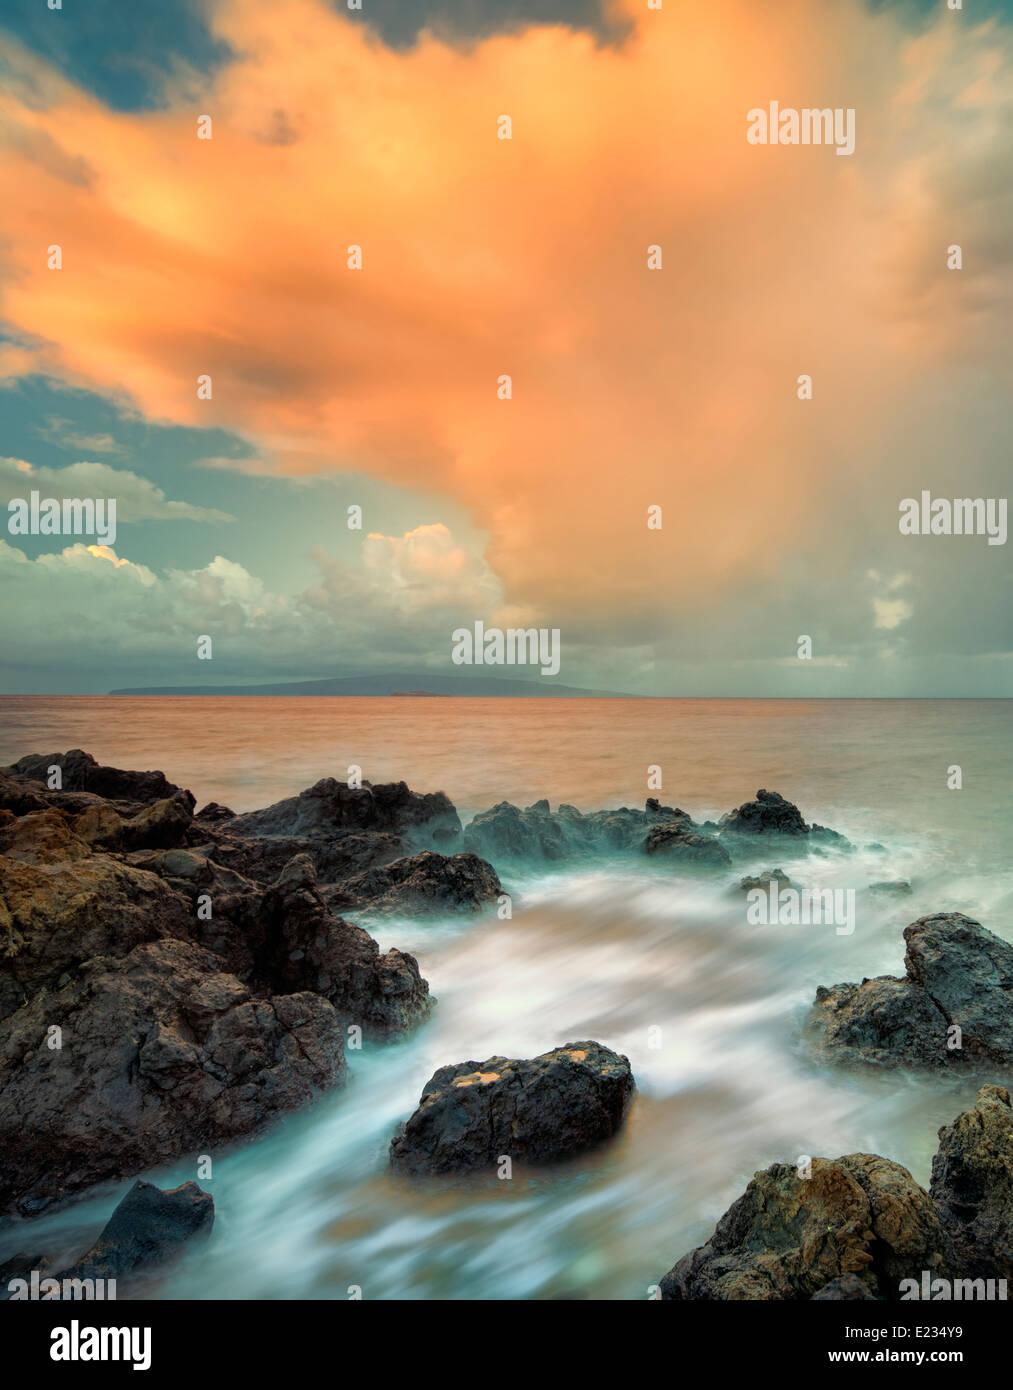 Lever du soleil et des nuages sur plage rocheuse. Maui, Hawaii Photo Stock